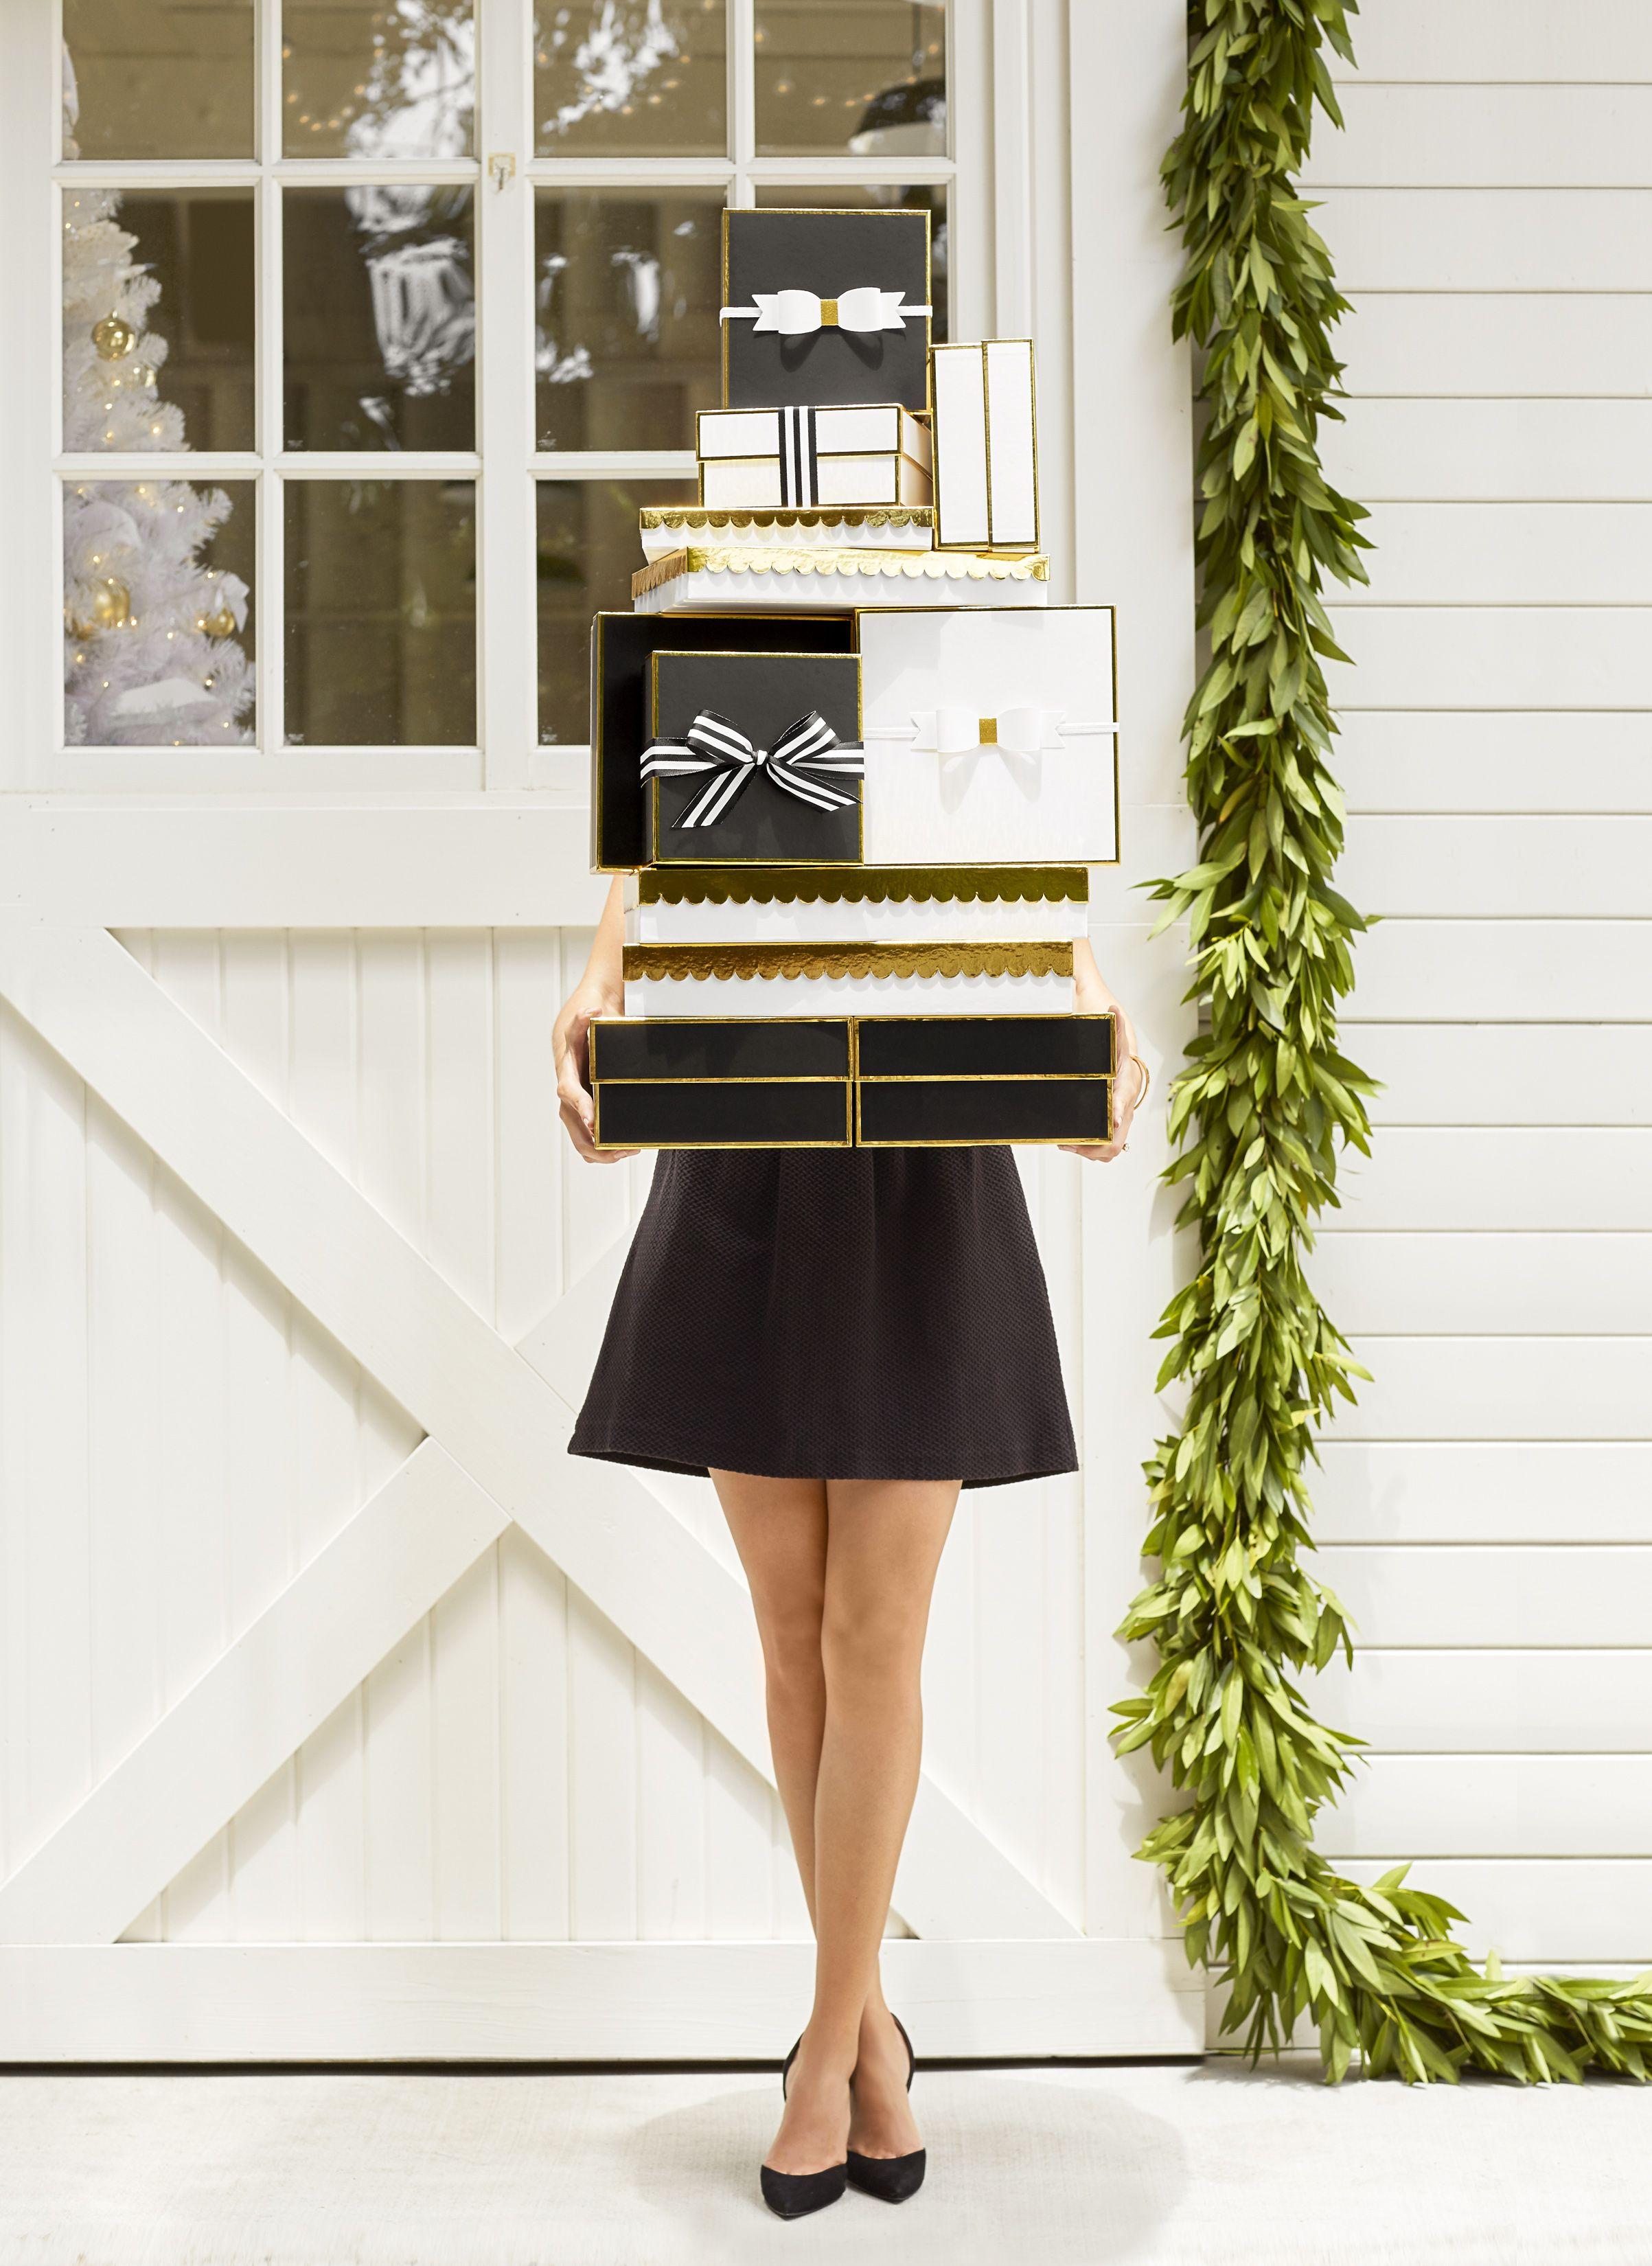 x target holiday frauen geschenke weihnachten. Black Bedroom Furniture Sets. Home Design Ideas